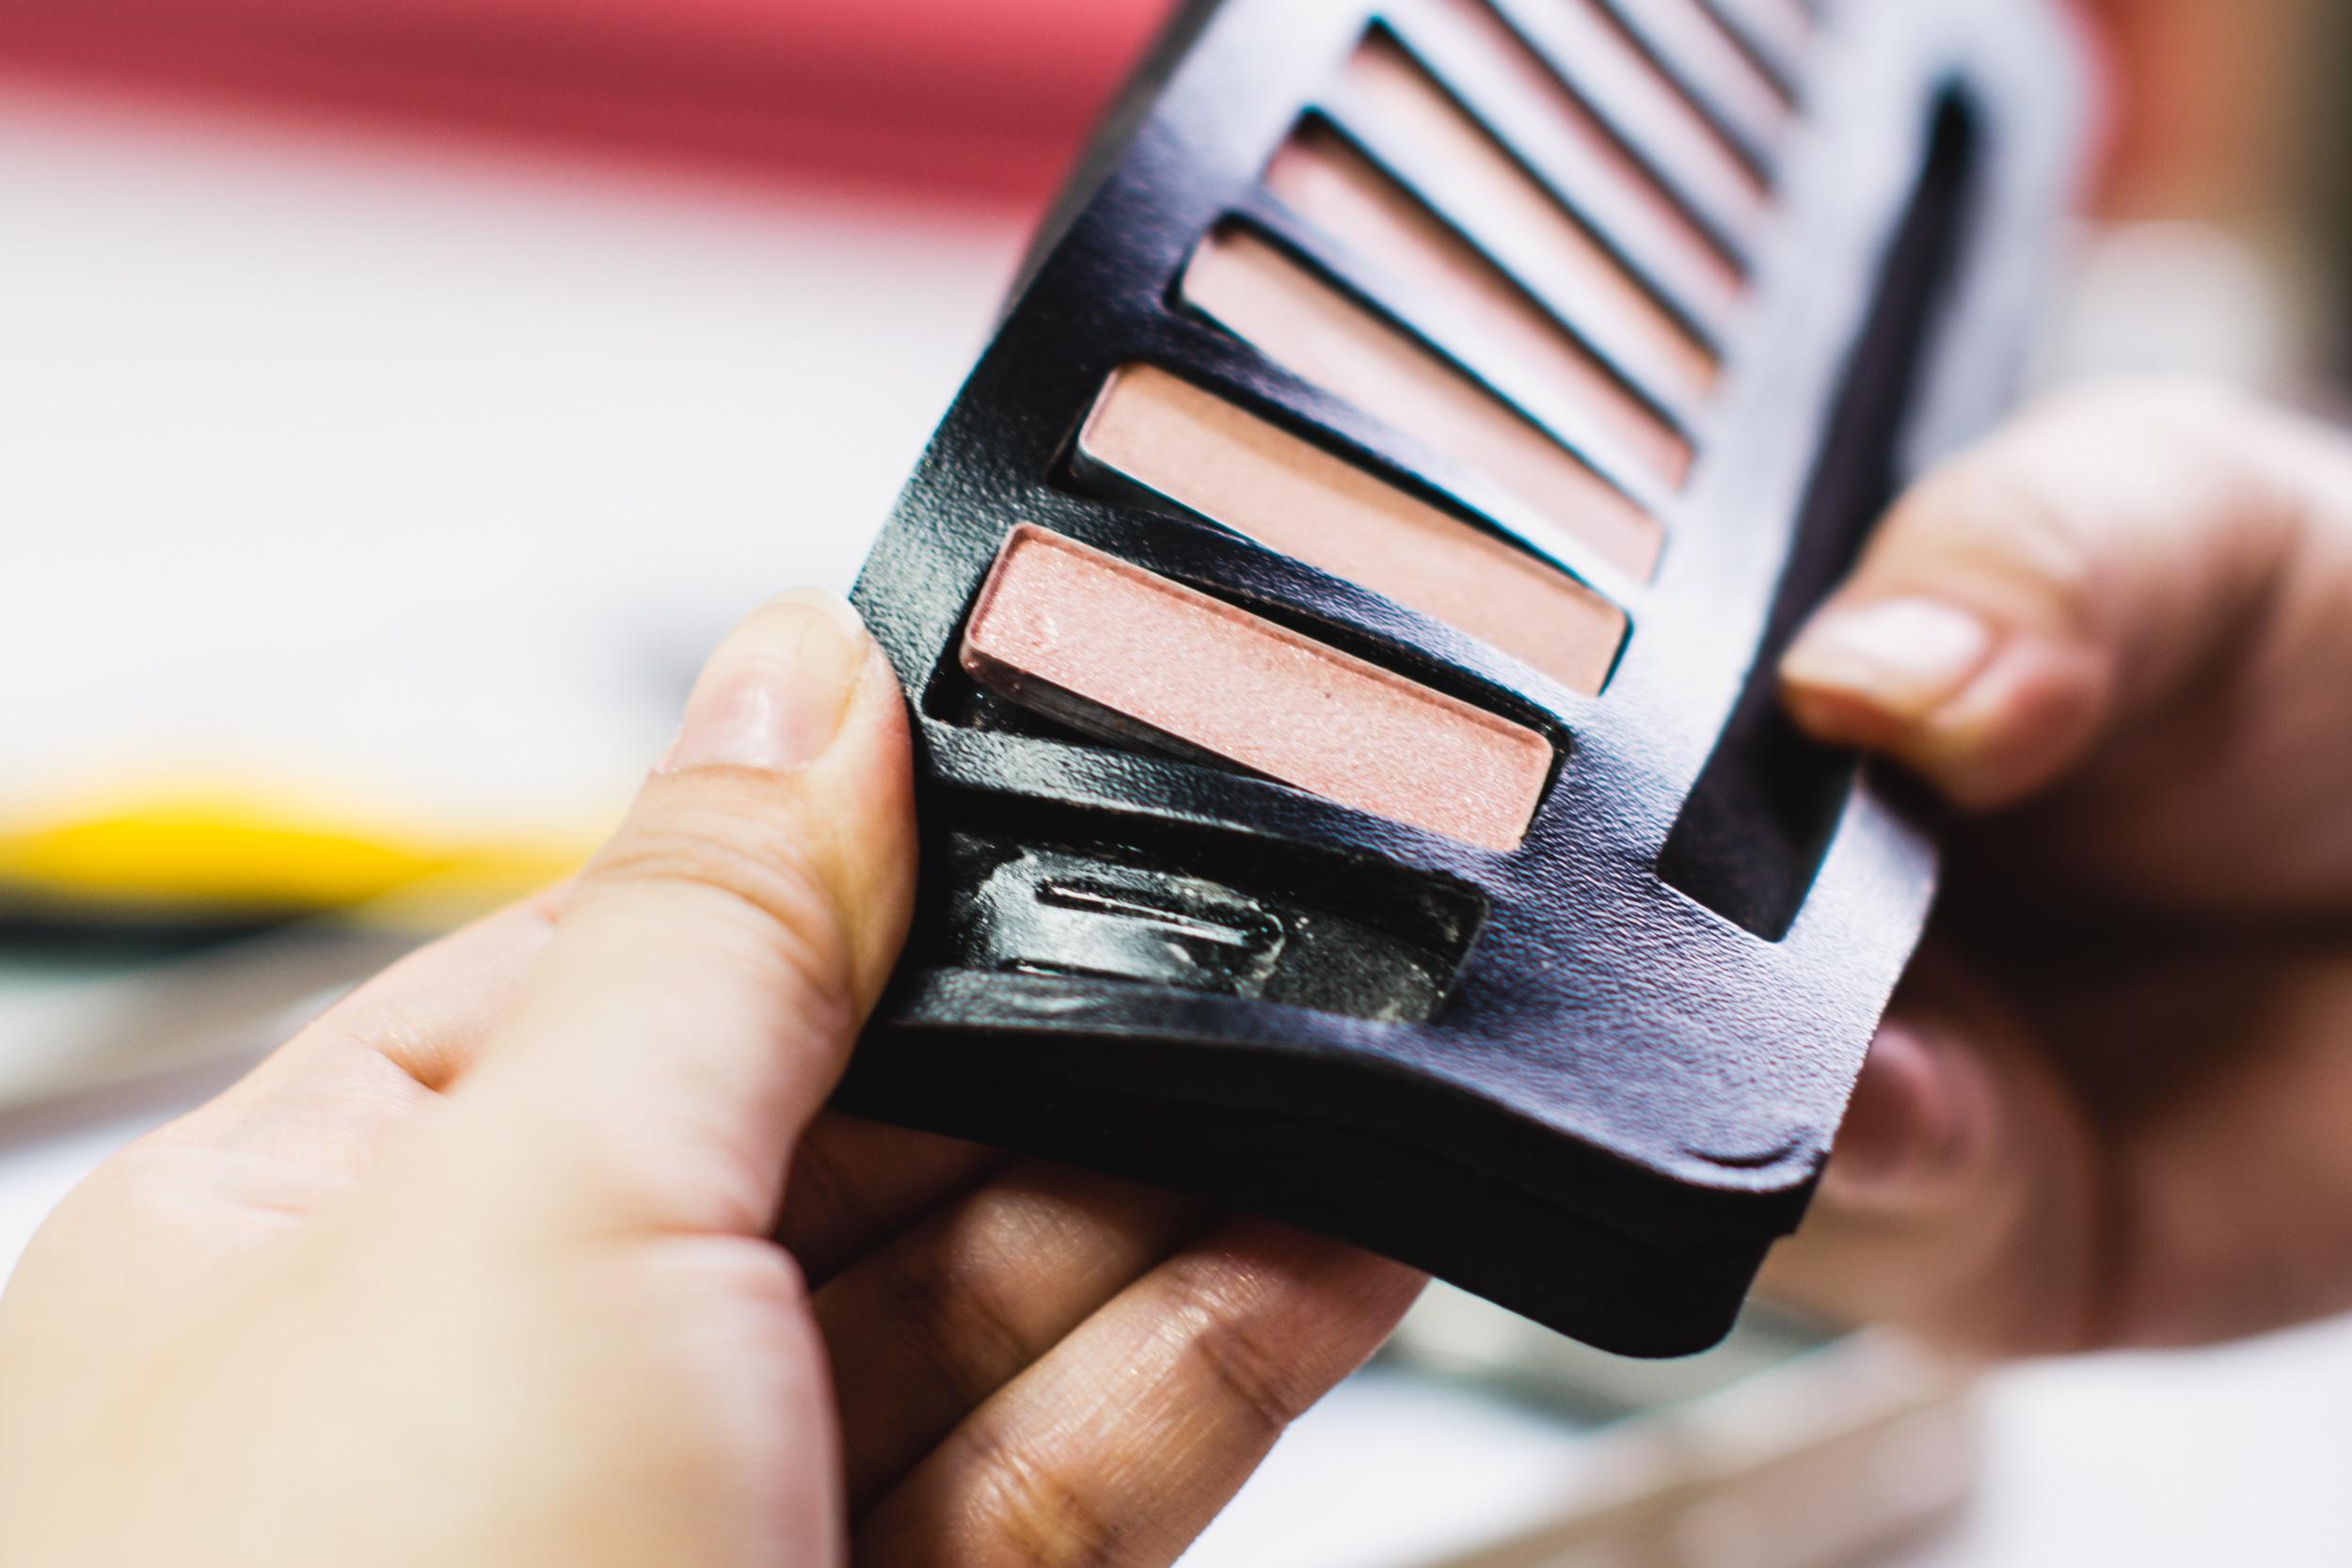 depotting-eyehadow-palette-DIY_2019-26.JPG